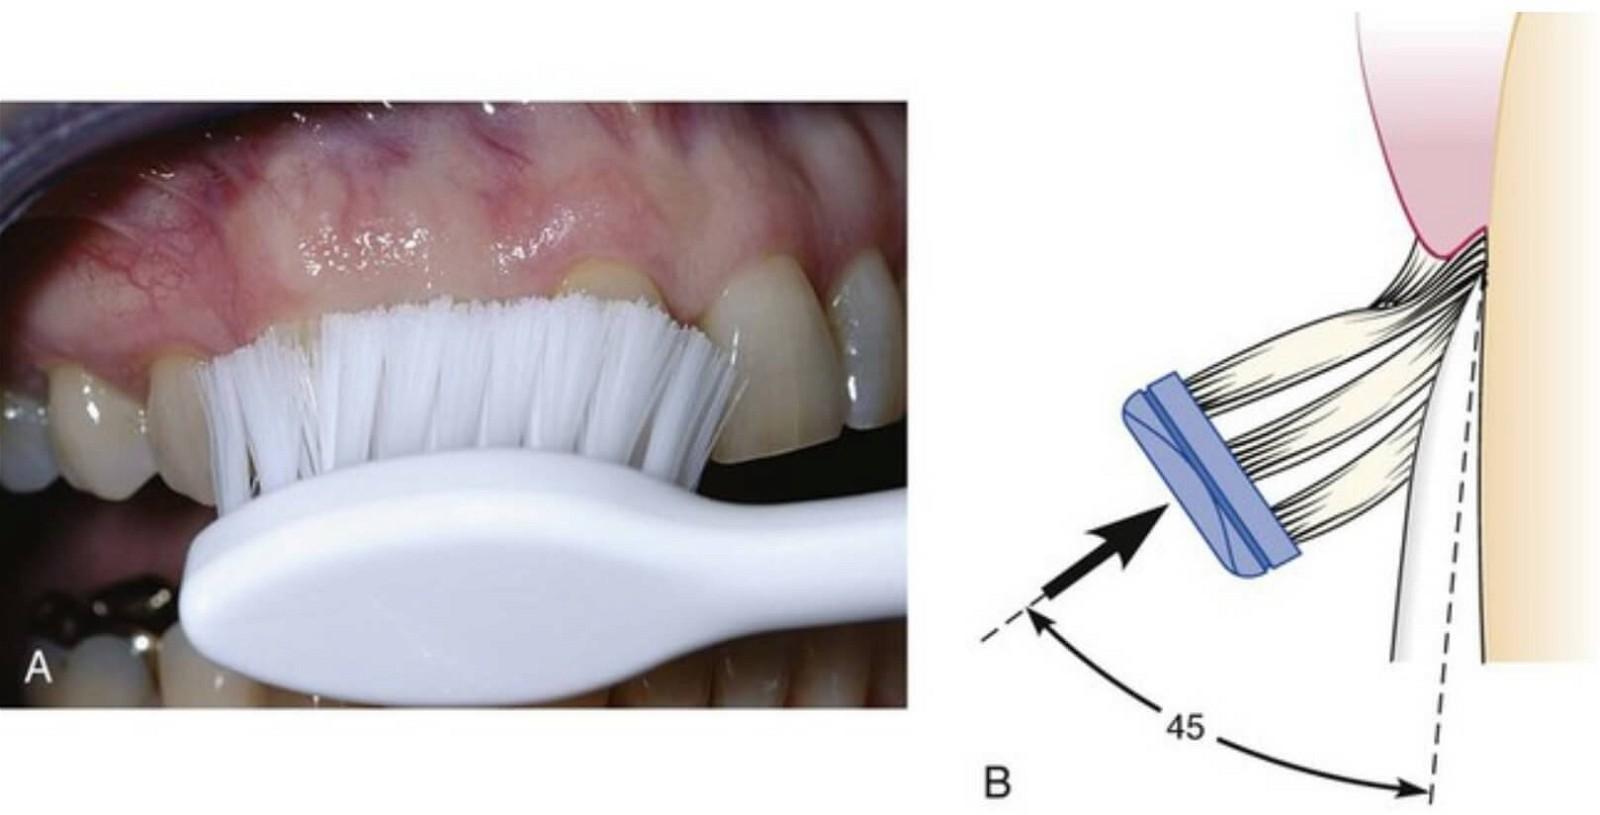 chải răng đúng cách phương pháp stillman